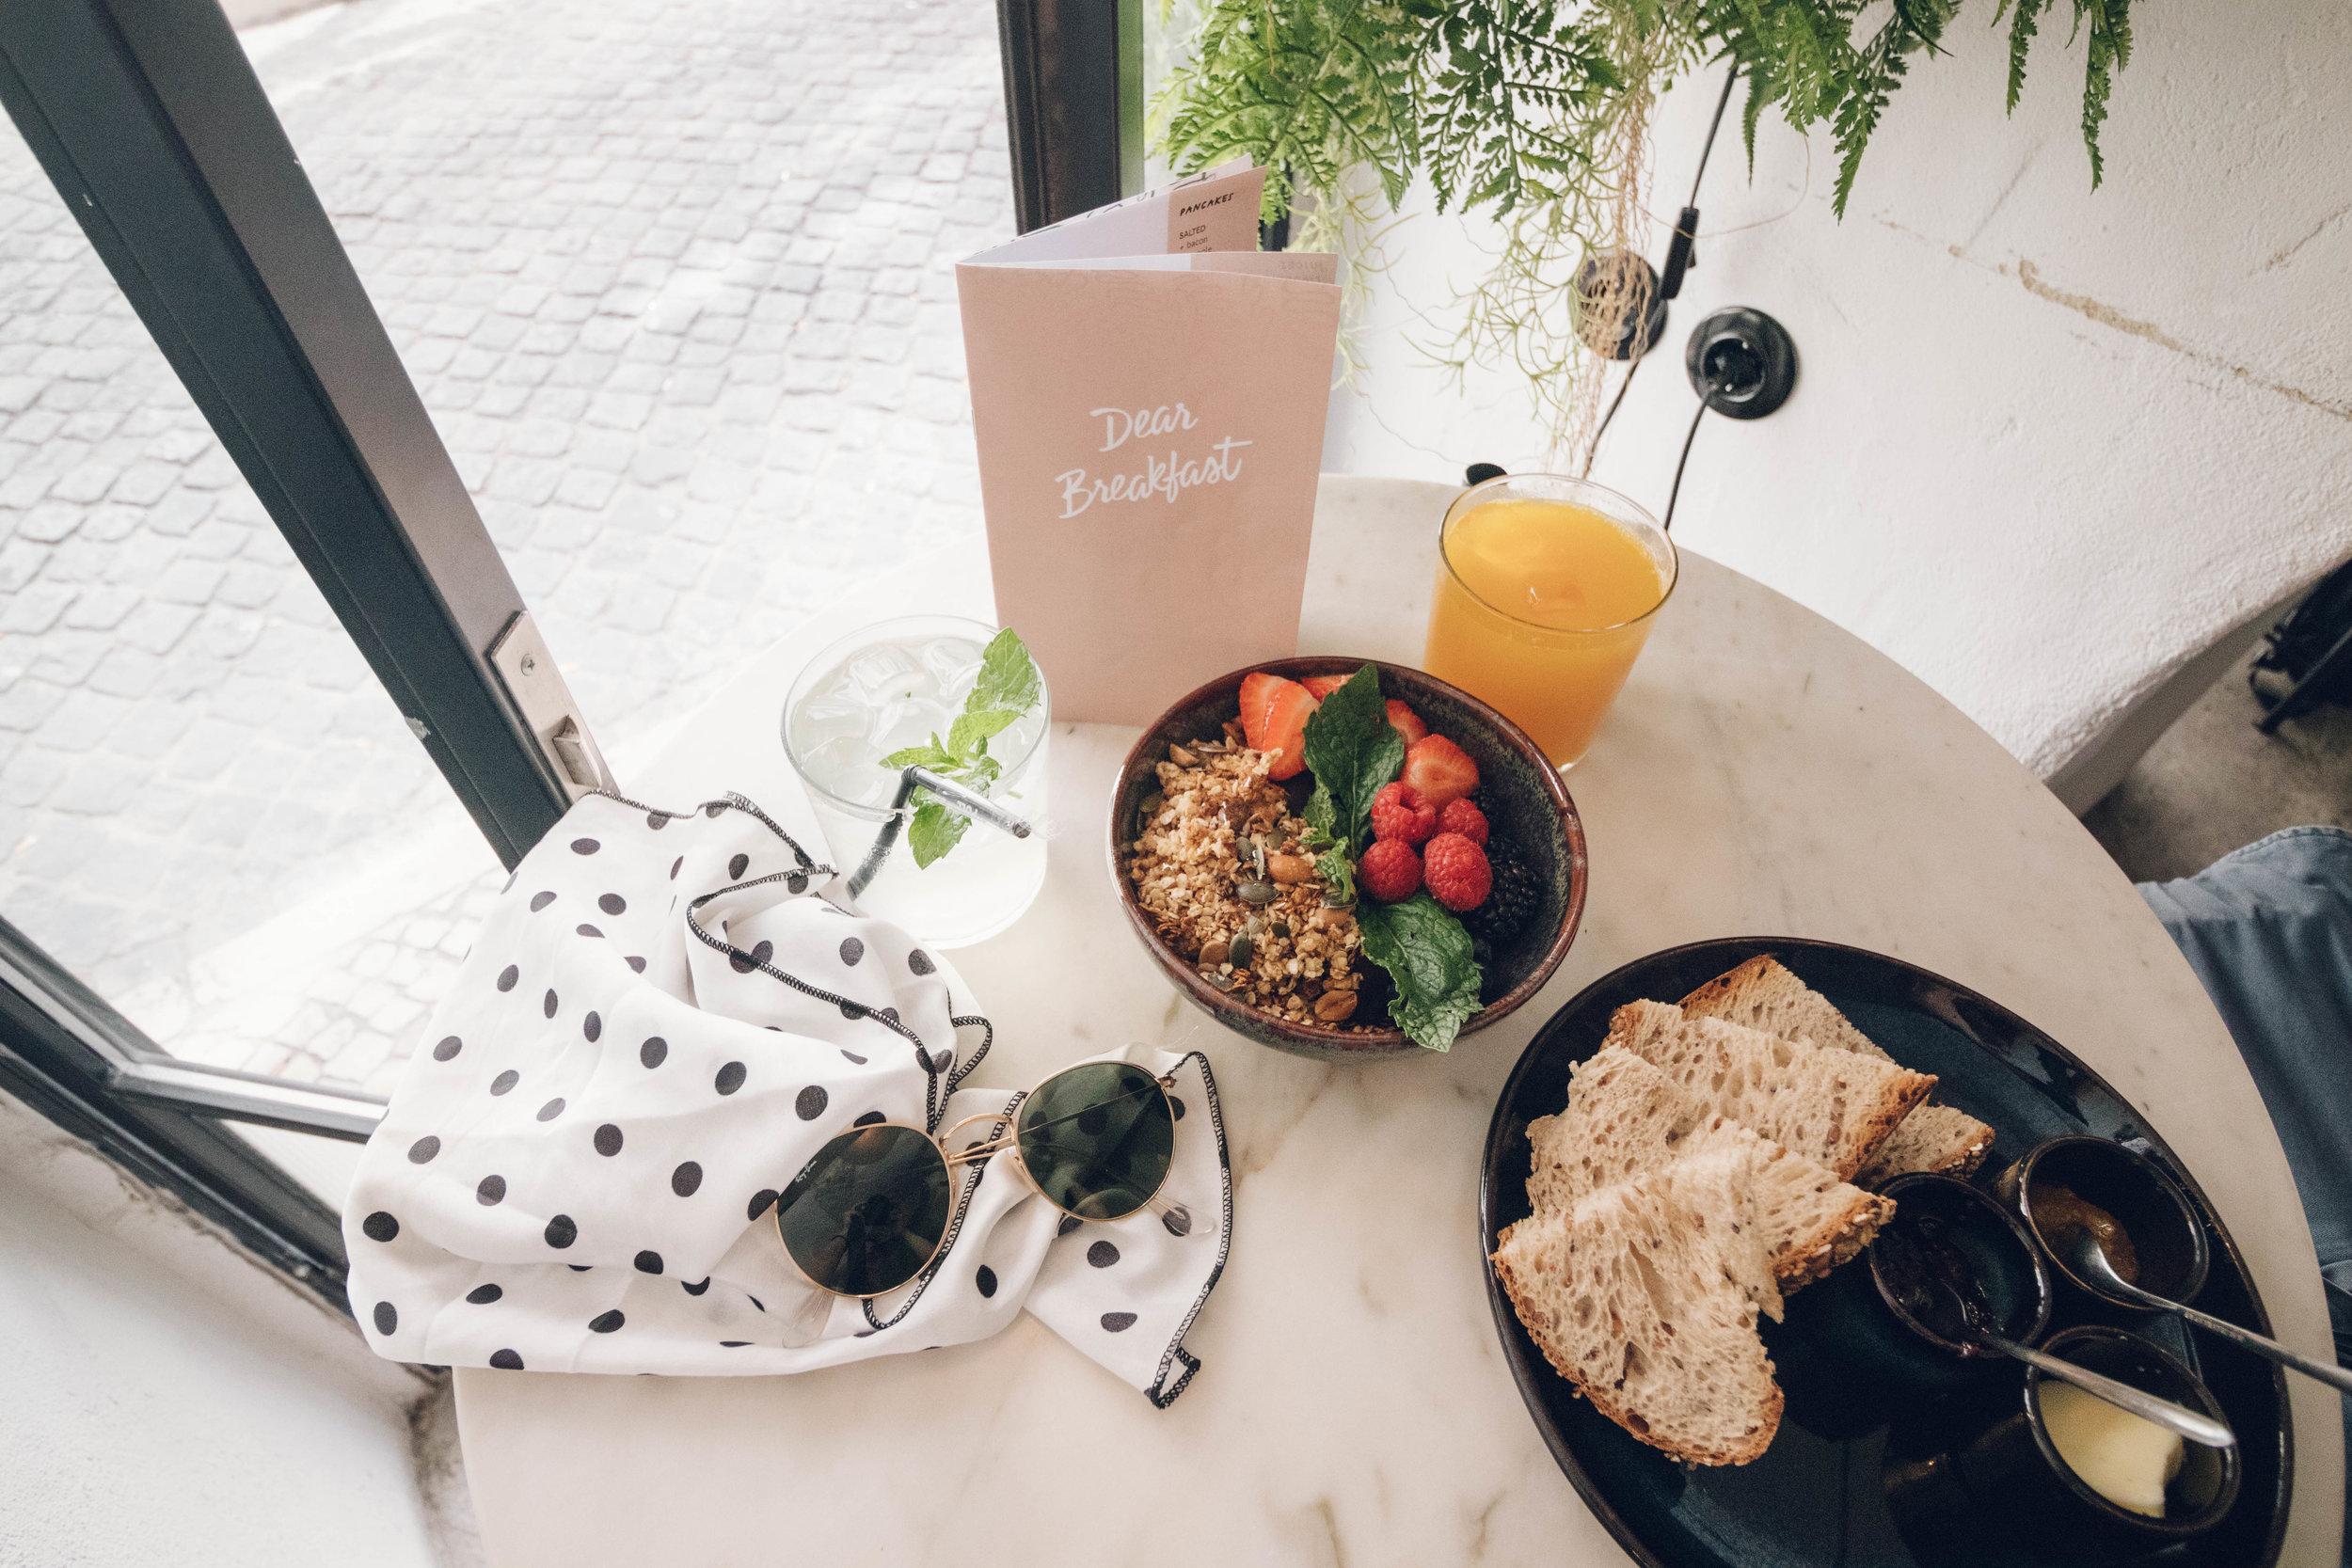 Dear Breakfast's Acai Bowl